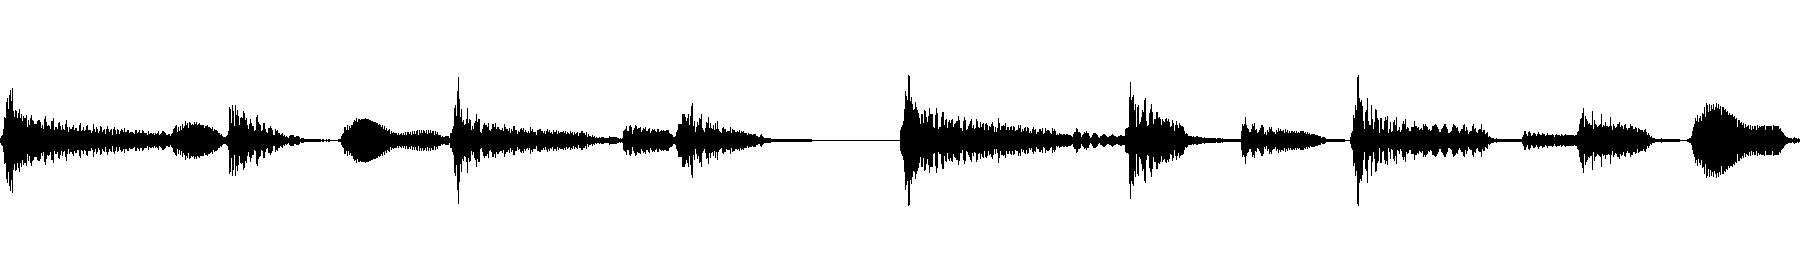 simple chords param x